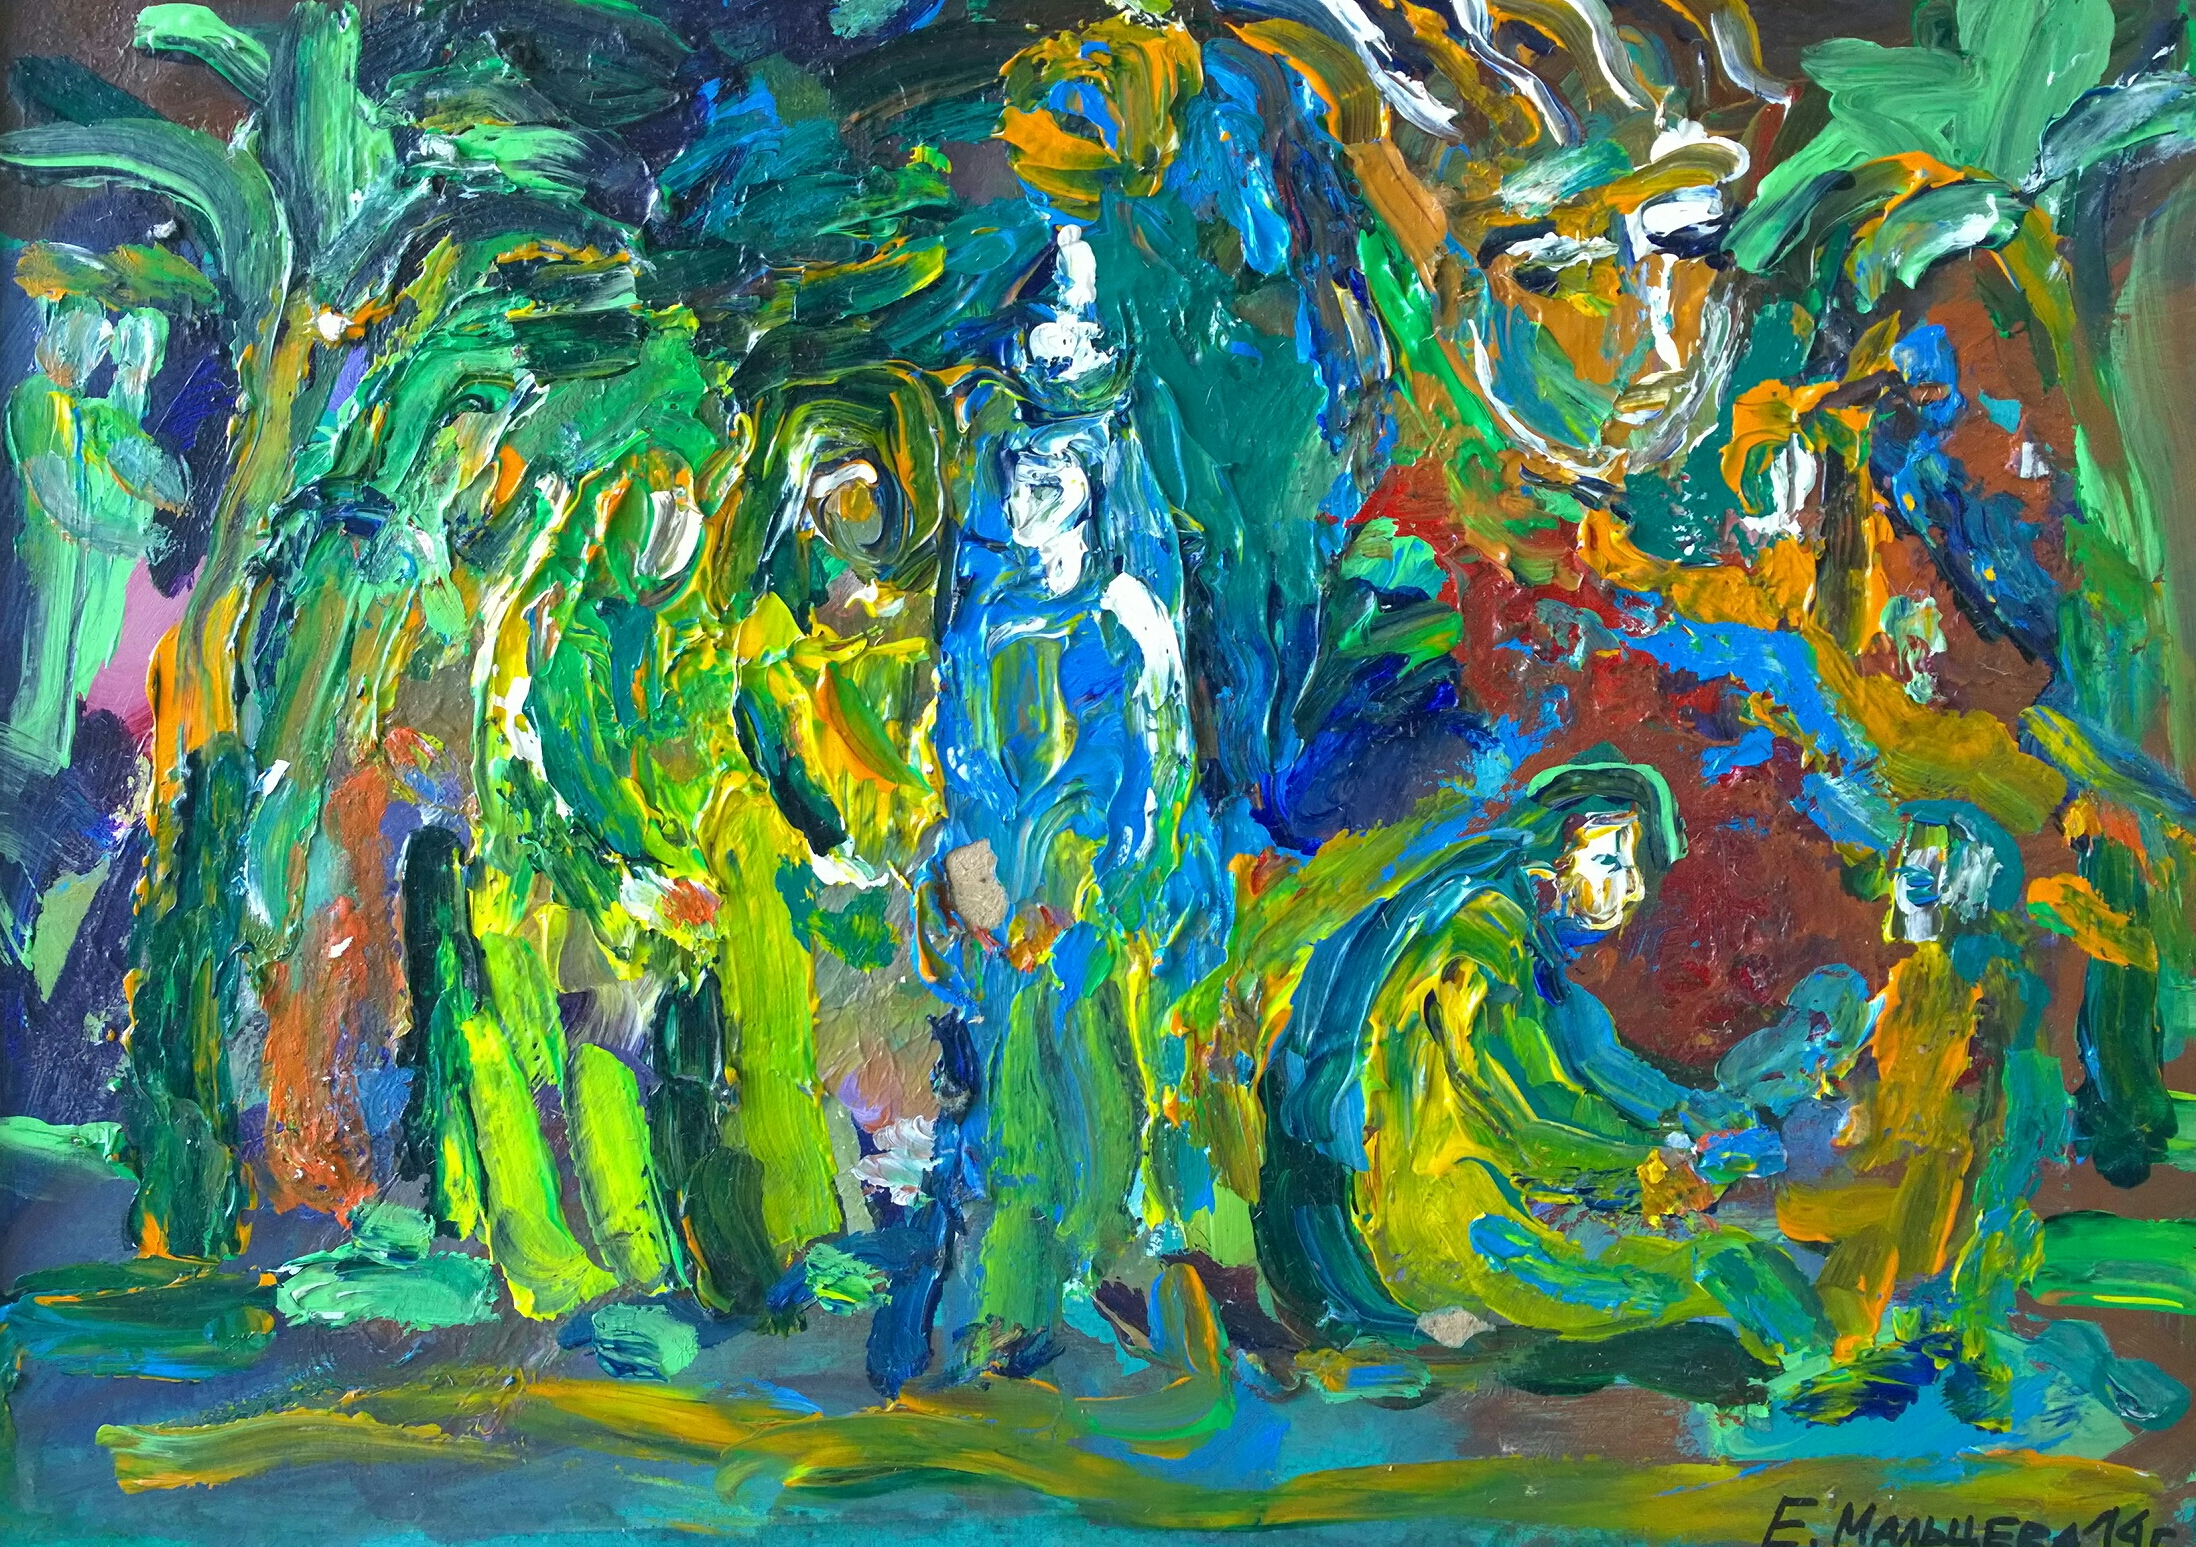 Мальцева Елена. Дева Мария, Иосиф и маленький Христос в Египте. к., акр. 29,5х39,5. 2014г.